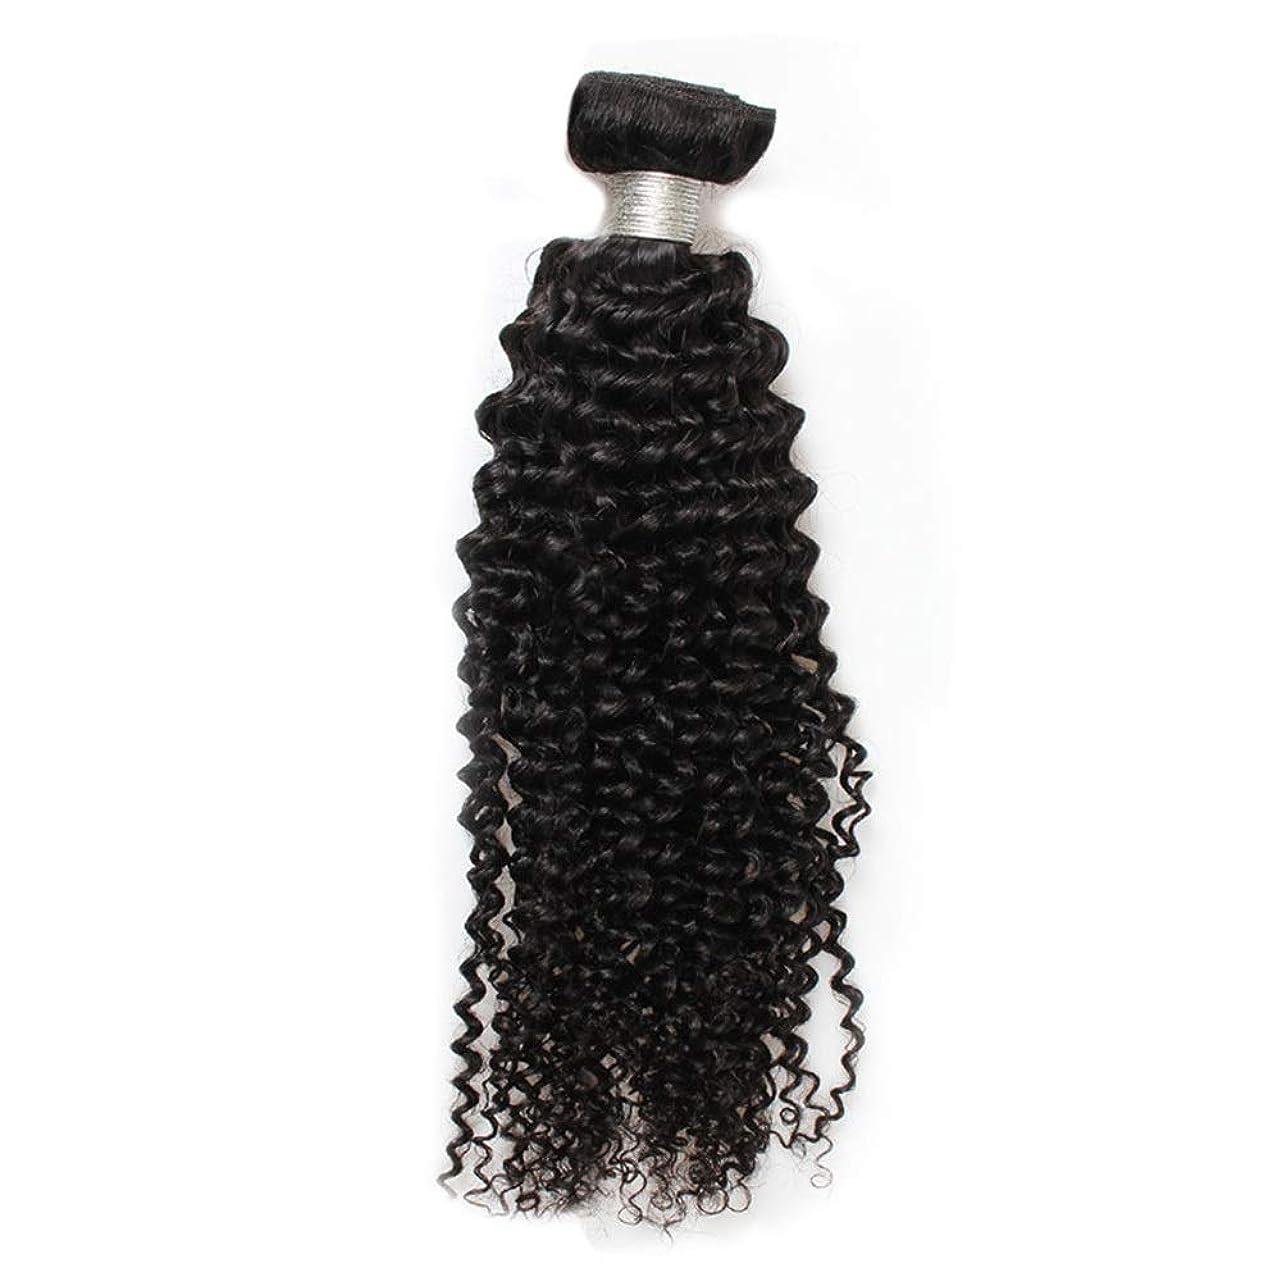 マチュピチュ形フランクワースリーYESONEEP 8aブラジル巻き毛バンドル人間の毛髪1バンドルナチュラルカラーロールプレイングかつら女性のかつら (色 : 黒, サイズ : 20 inch)